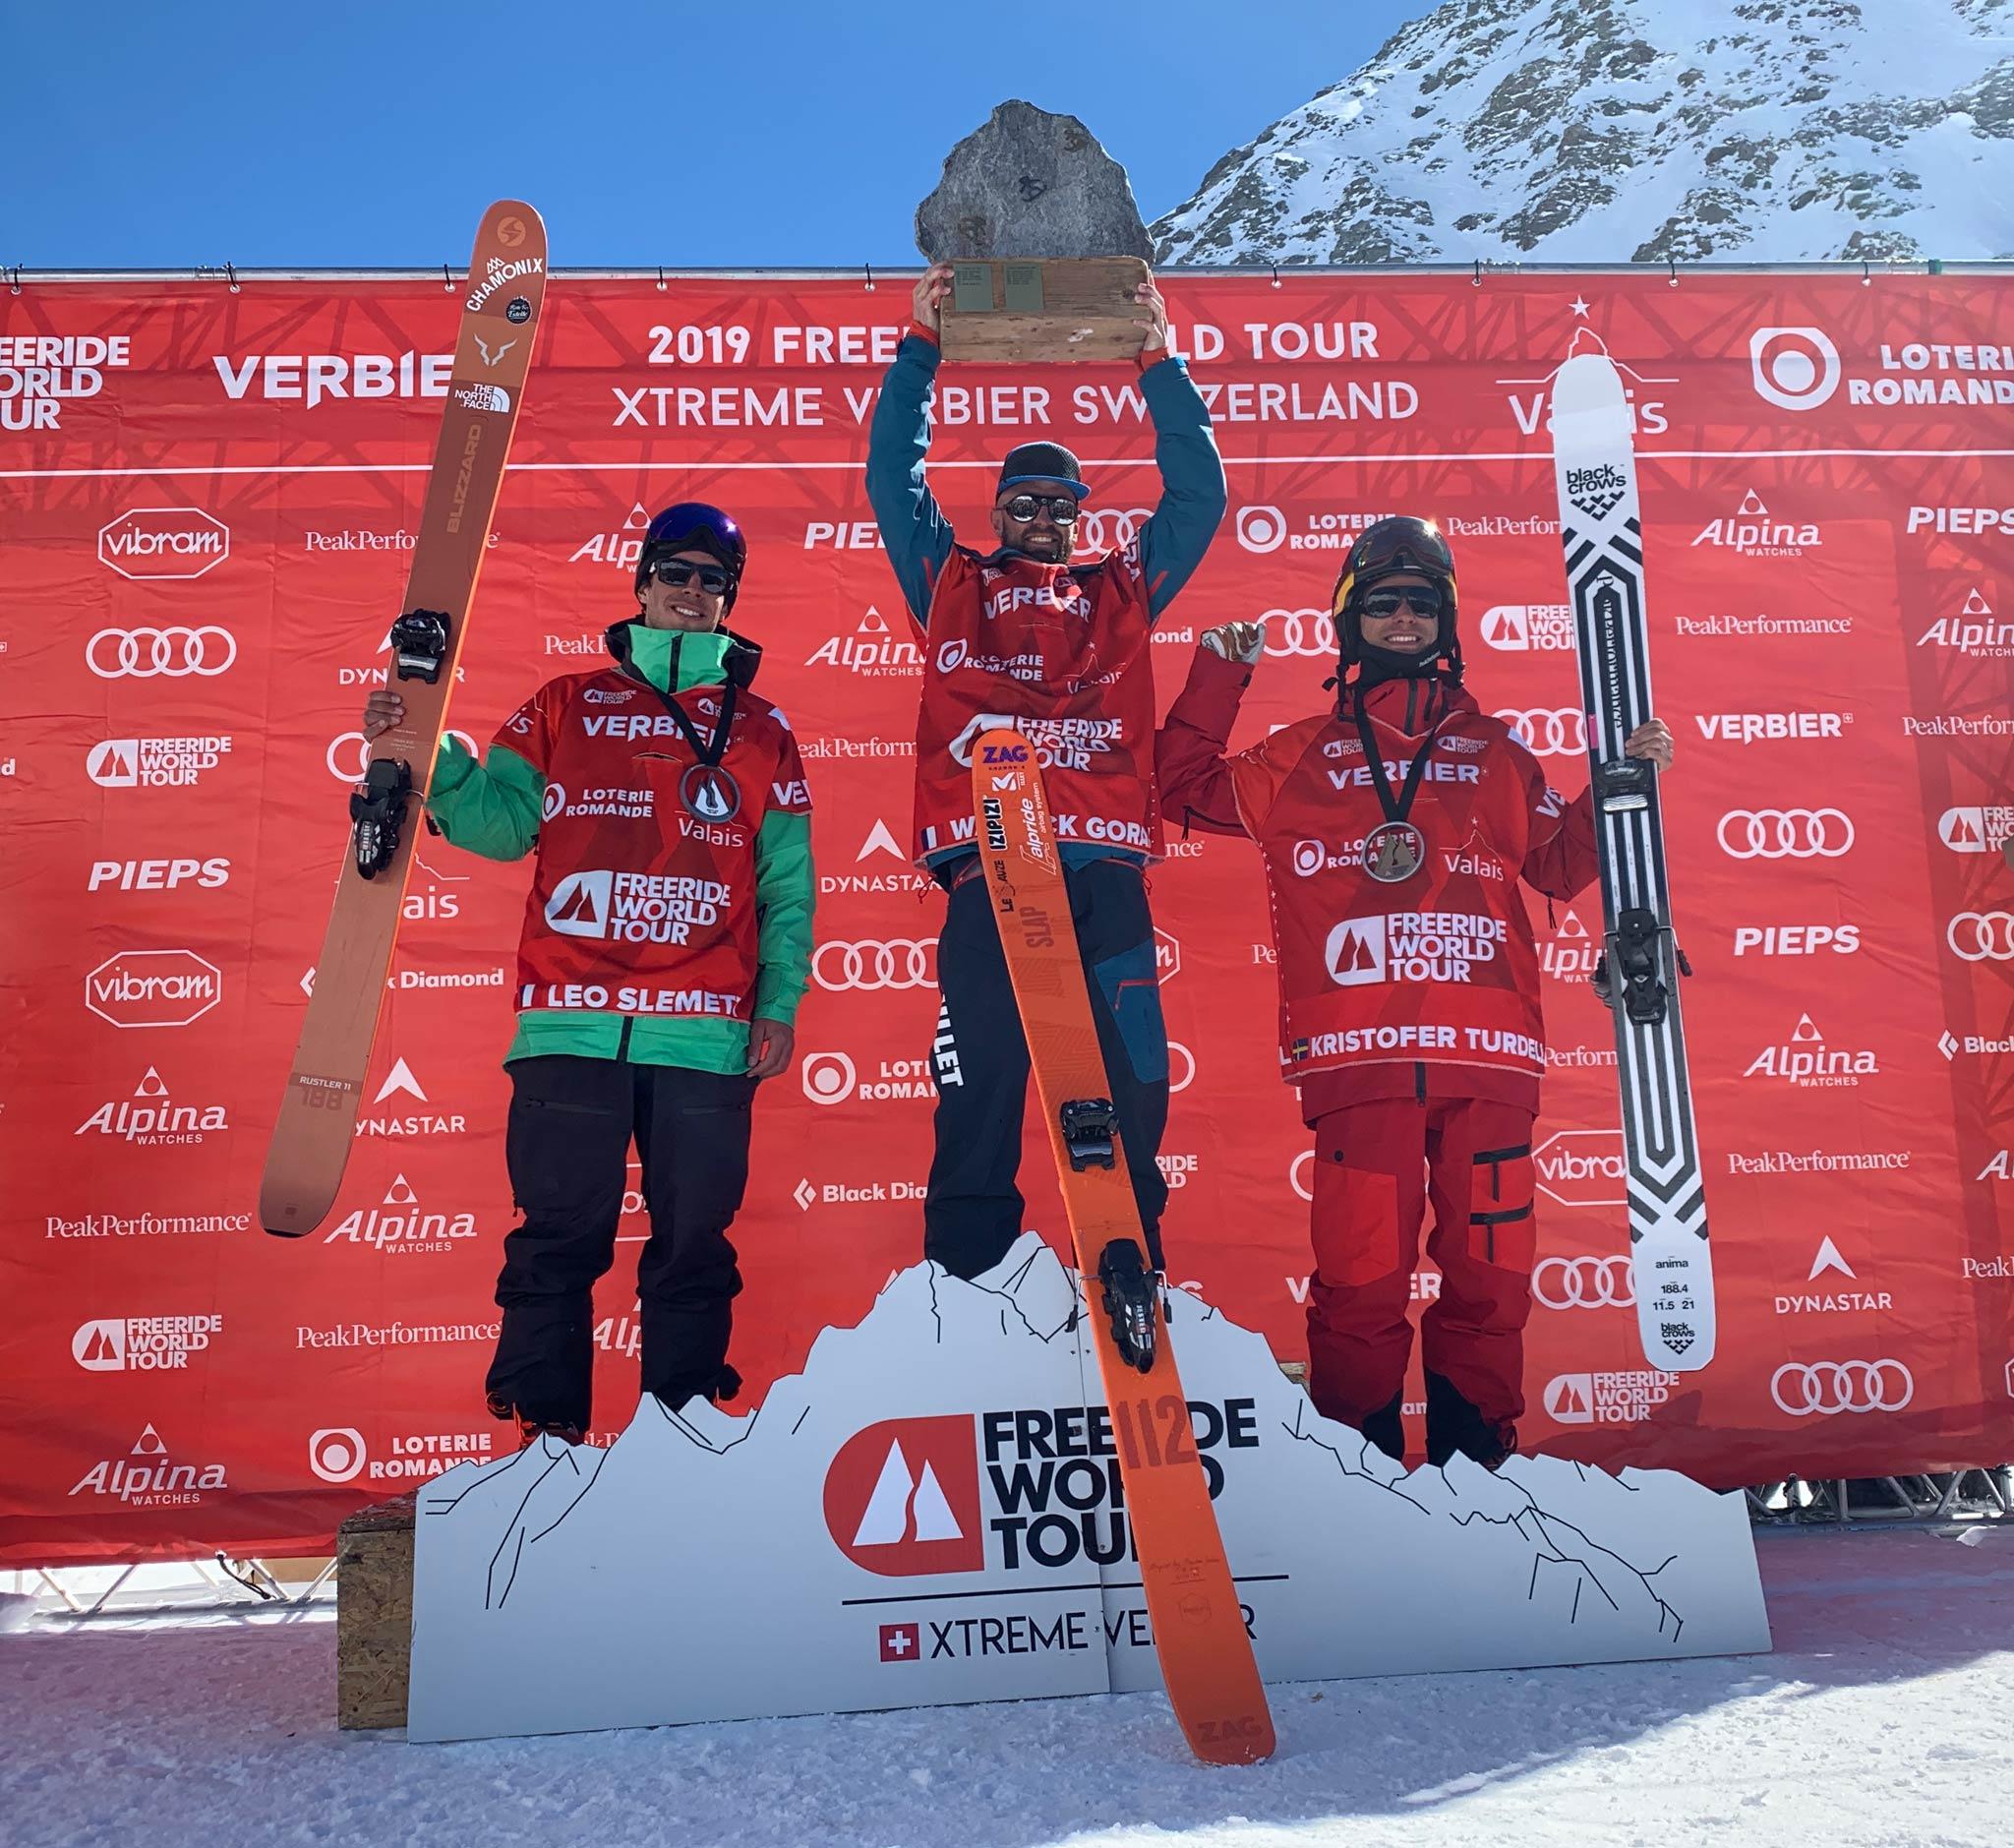 Die drei besten Männer beim letzten Contest der Freeride World Tour 2019 in Verbier (Schweiz): Léo Slemett (FRA), Wadeck Gorak (FRA) & Kristofer Turdell (SWE) - Foto: freerideworldtour.com